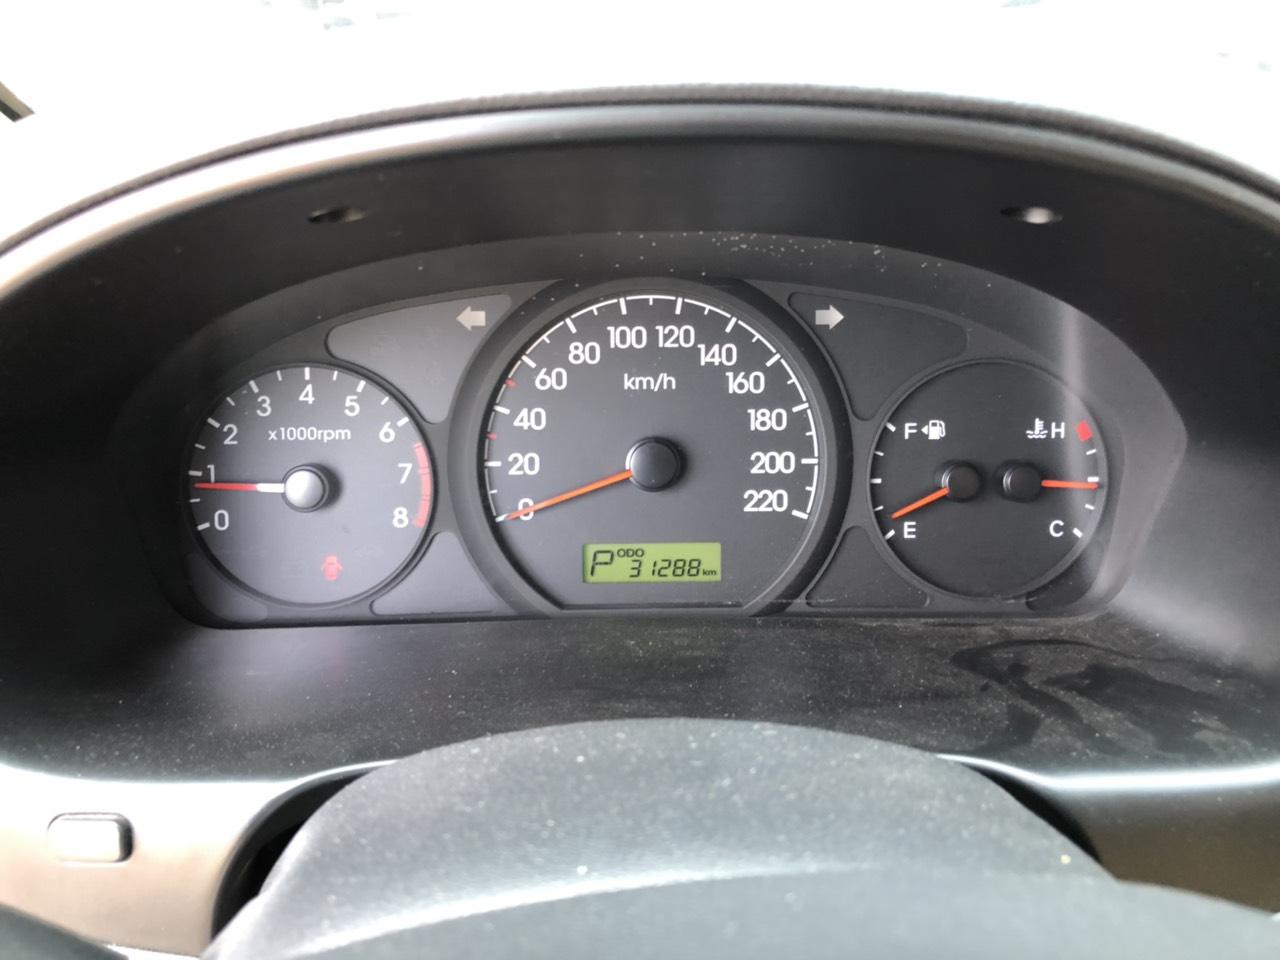 Bán Hyundai Starex Limousine 2.5AT máy xăng số tự động nhập Hàn Quốc 2014 biển Sài Gòn màu đen VIP